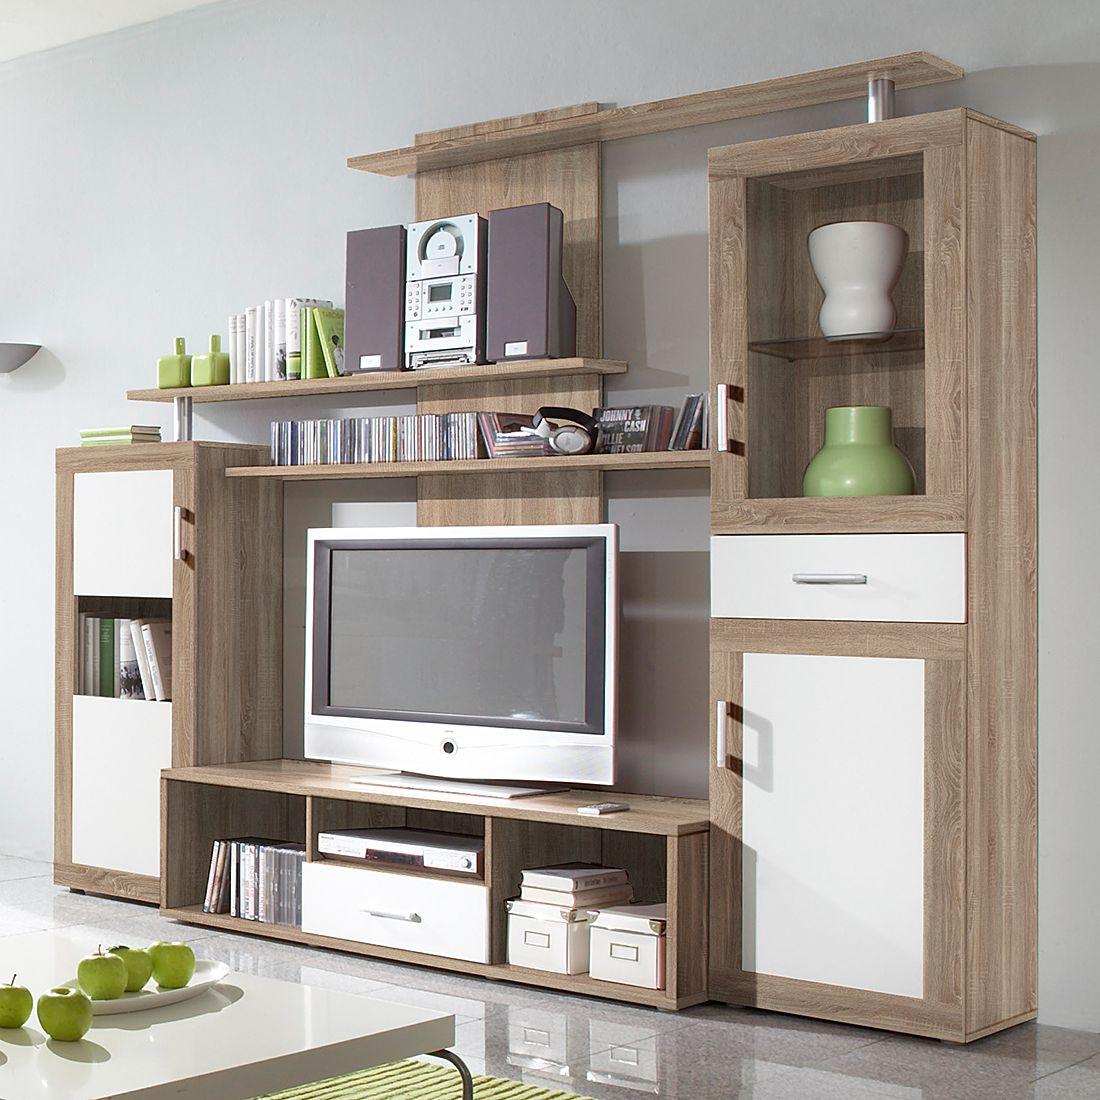 37 sparen wohnwand gesine eiche sonoma nur 279 99 cherry m bel. Black Bedroom Furniture Sets. Home Design Ideas